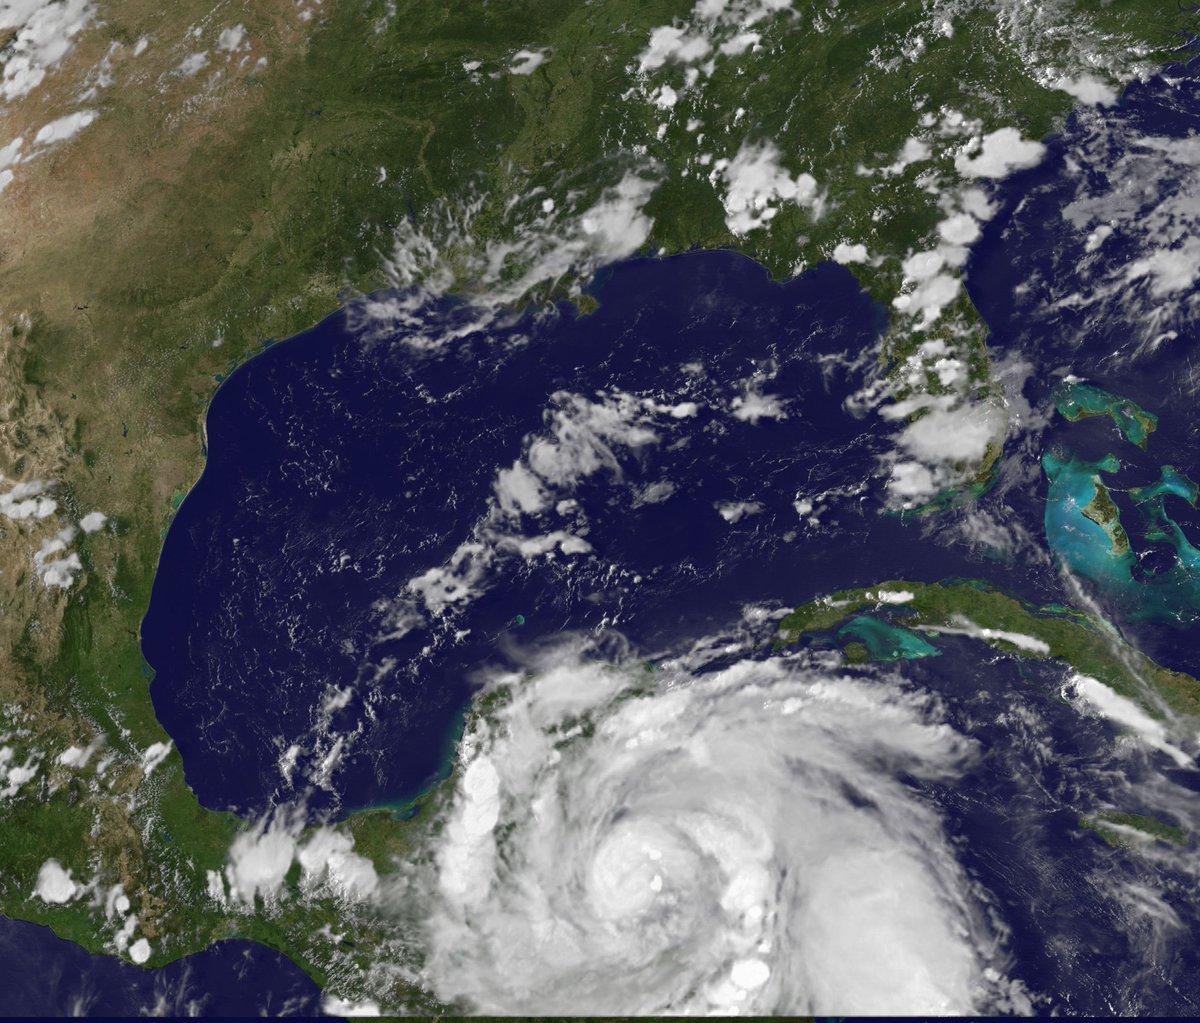 L'Uragano Earl impatta sulle coste caraibiche di Messico e Belize